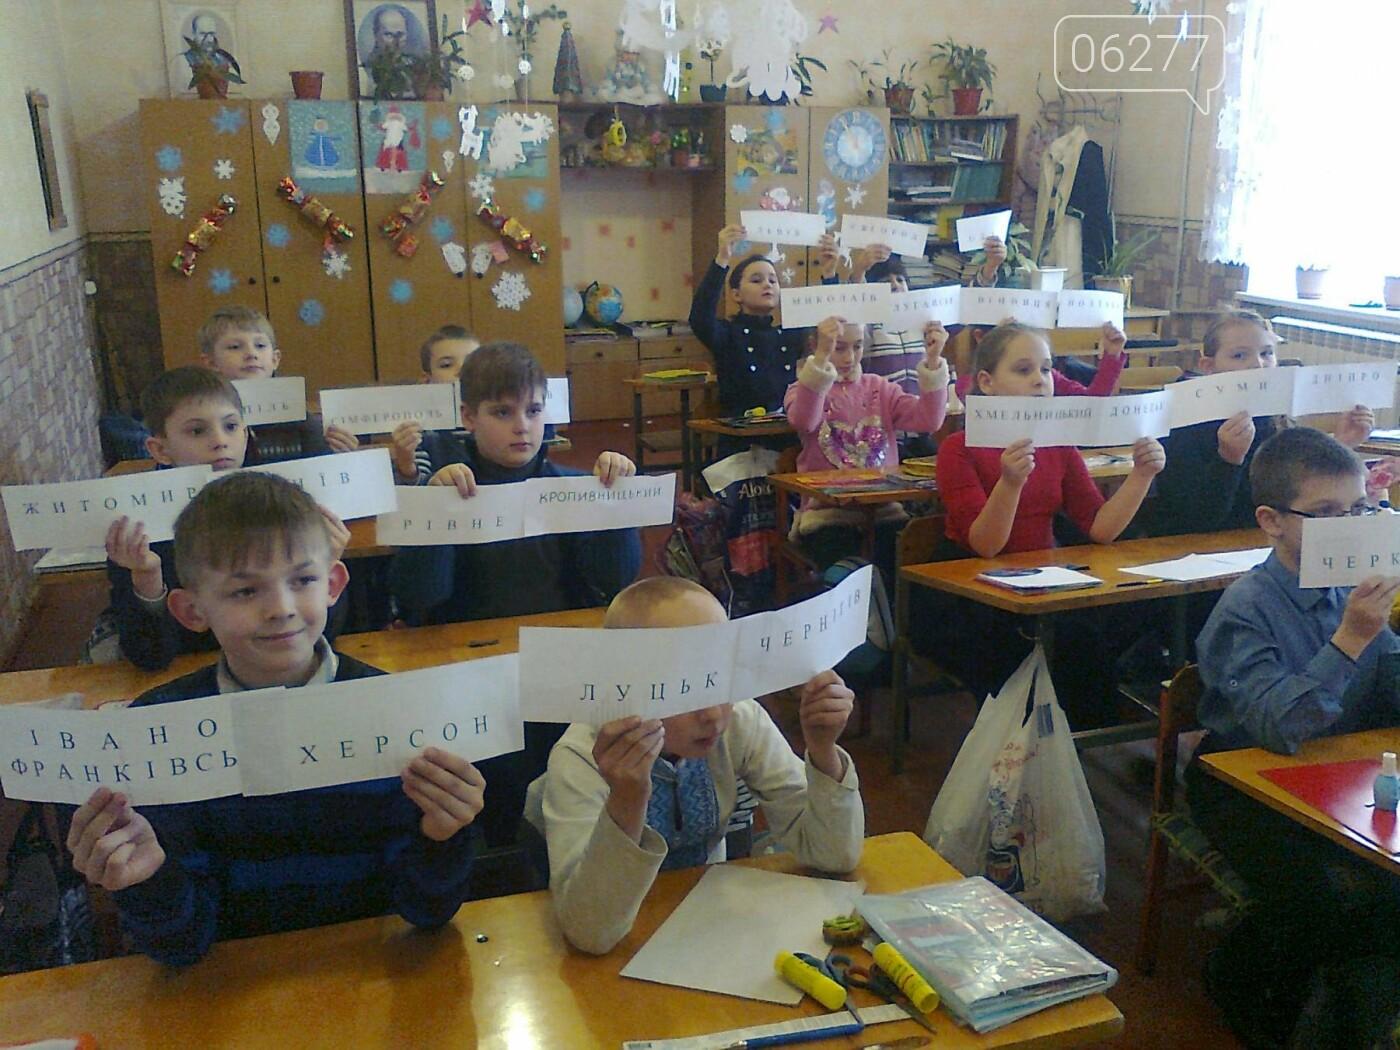 У Добропіллі пройшов флешмоб «Моя держава зростає в любові і єдності», фото-7